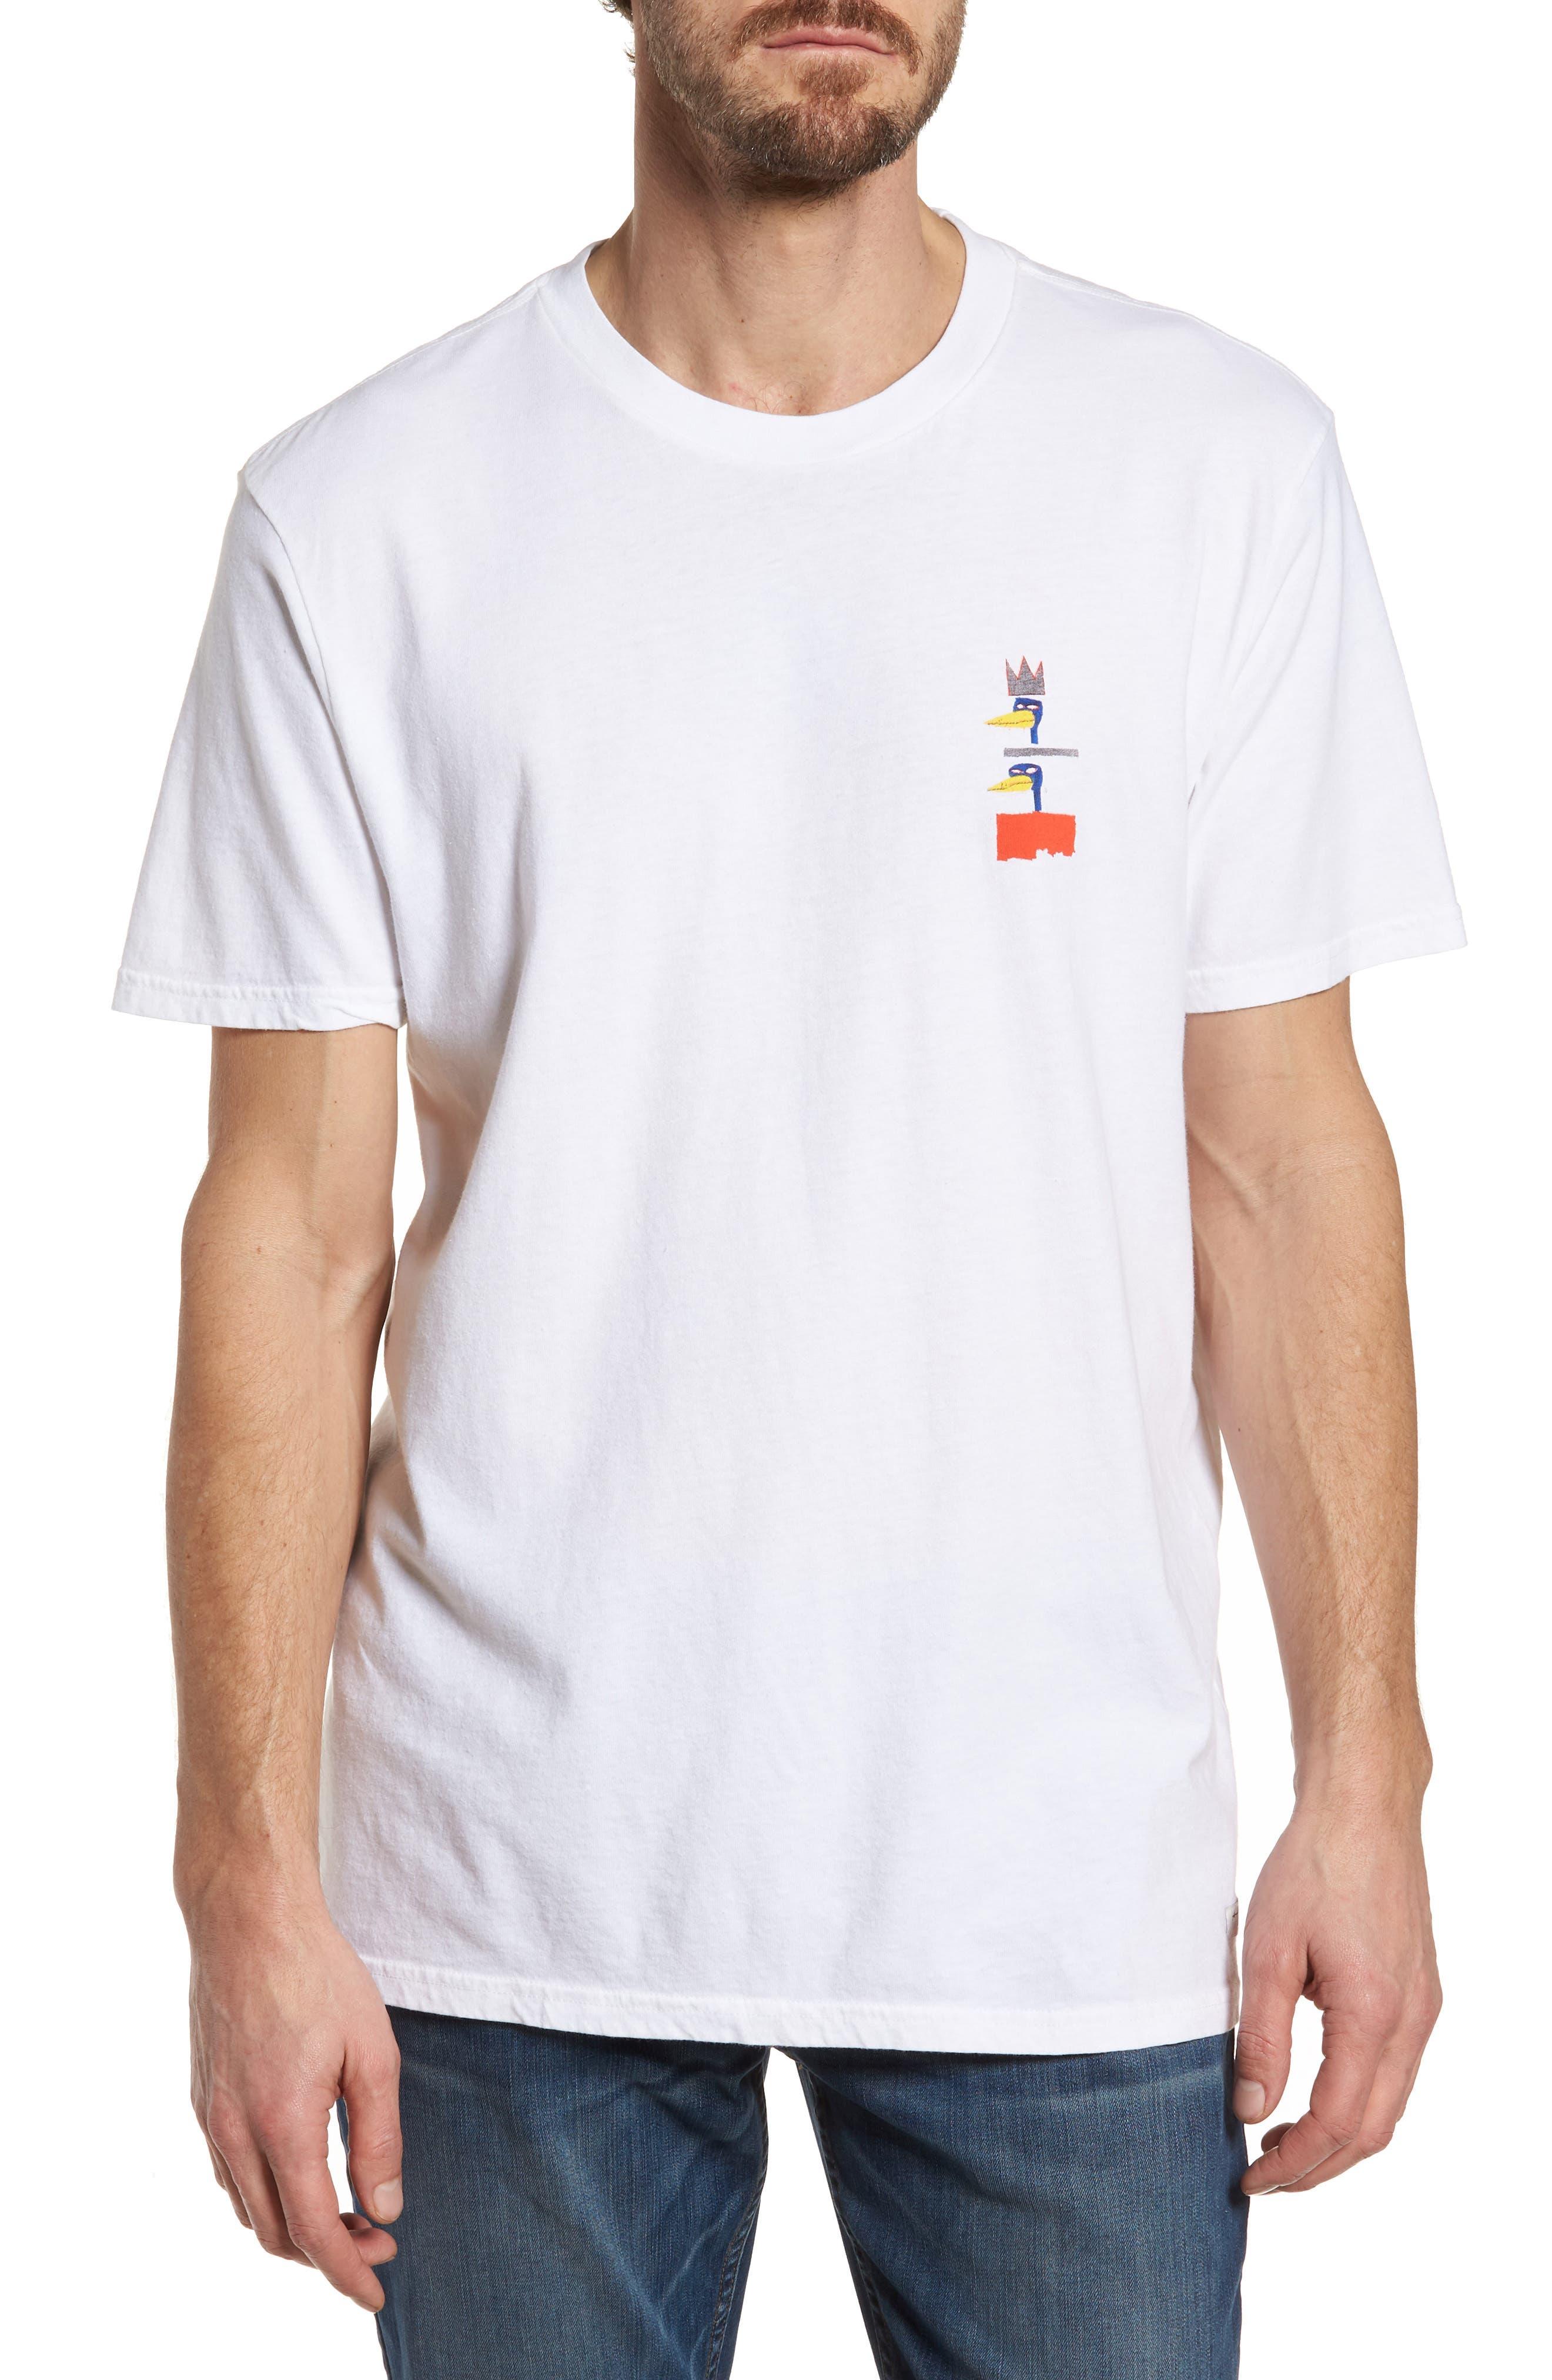 Main Image - Billabong x Warhol Dos Cabezas T-Shirt